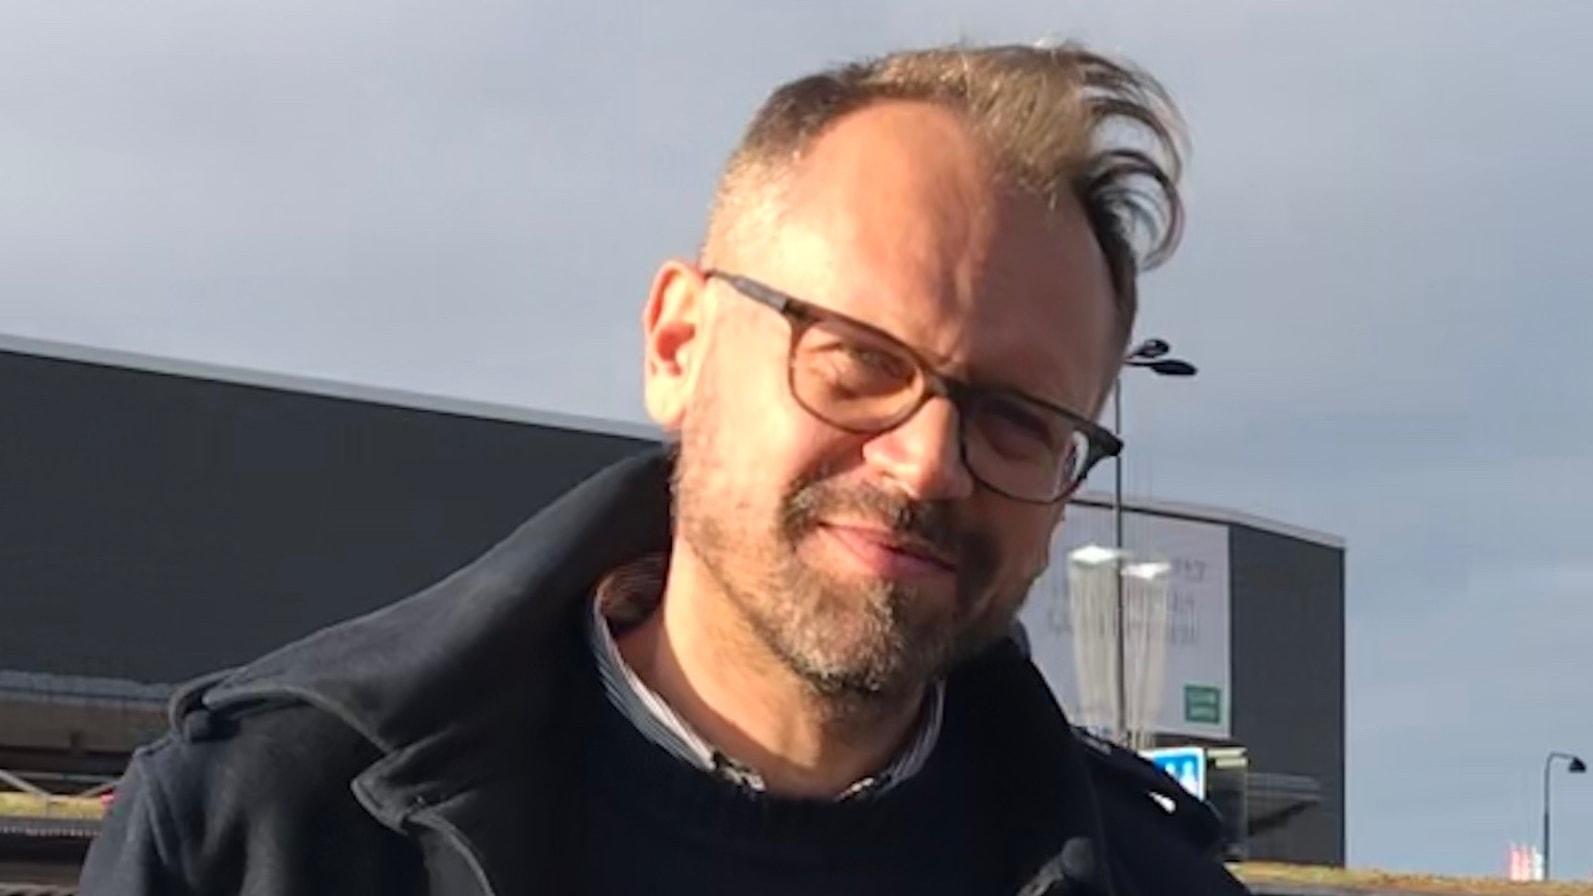 Stefan Lindberg - Jag minns en tid då det var viktigt med värdighet